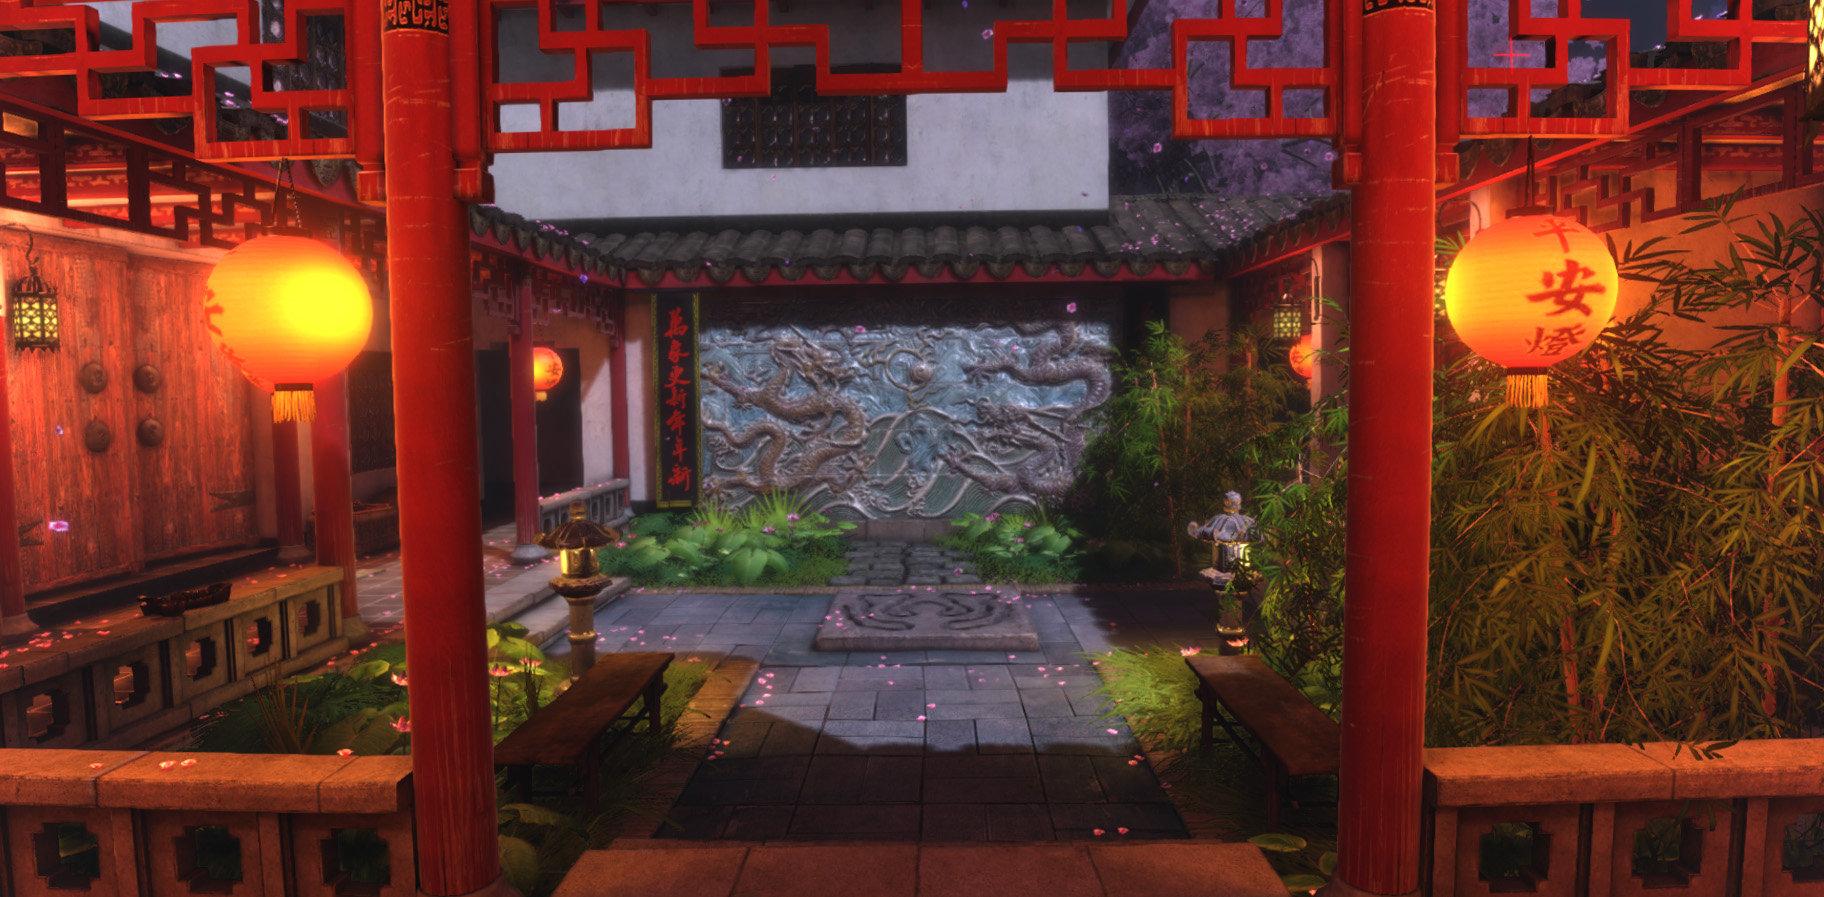 Jeff severson chinese courtyard night 02